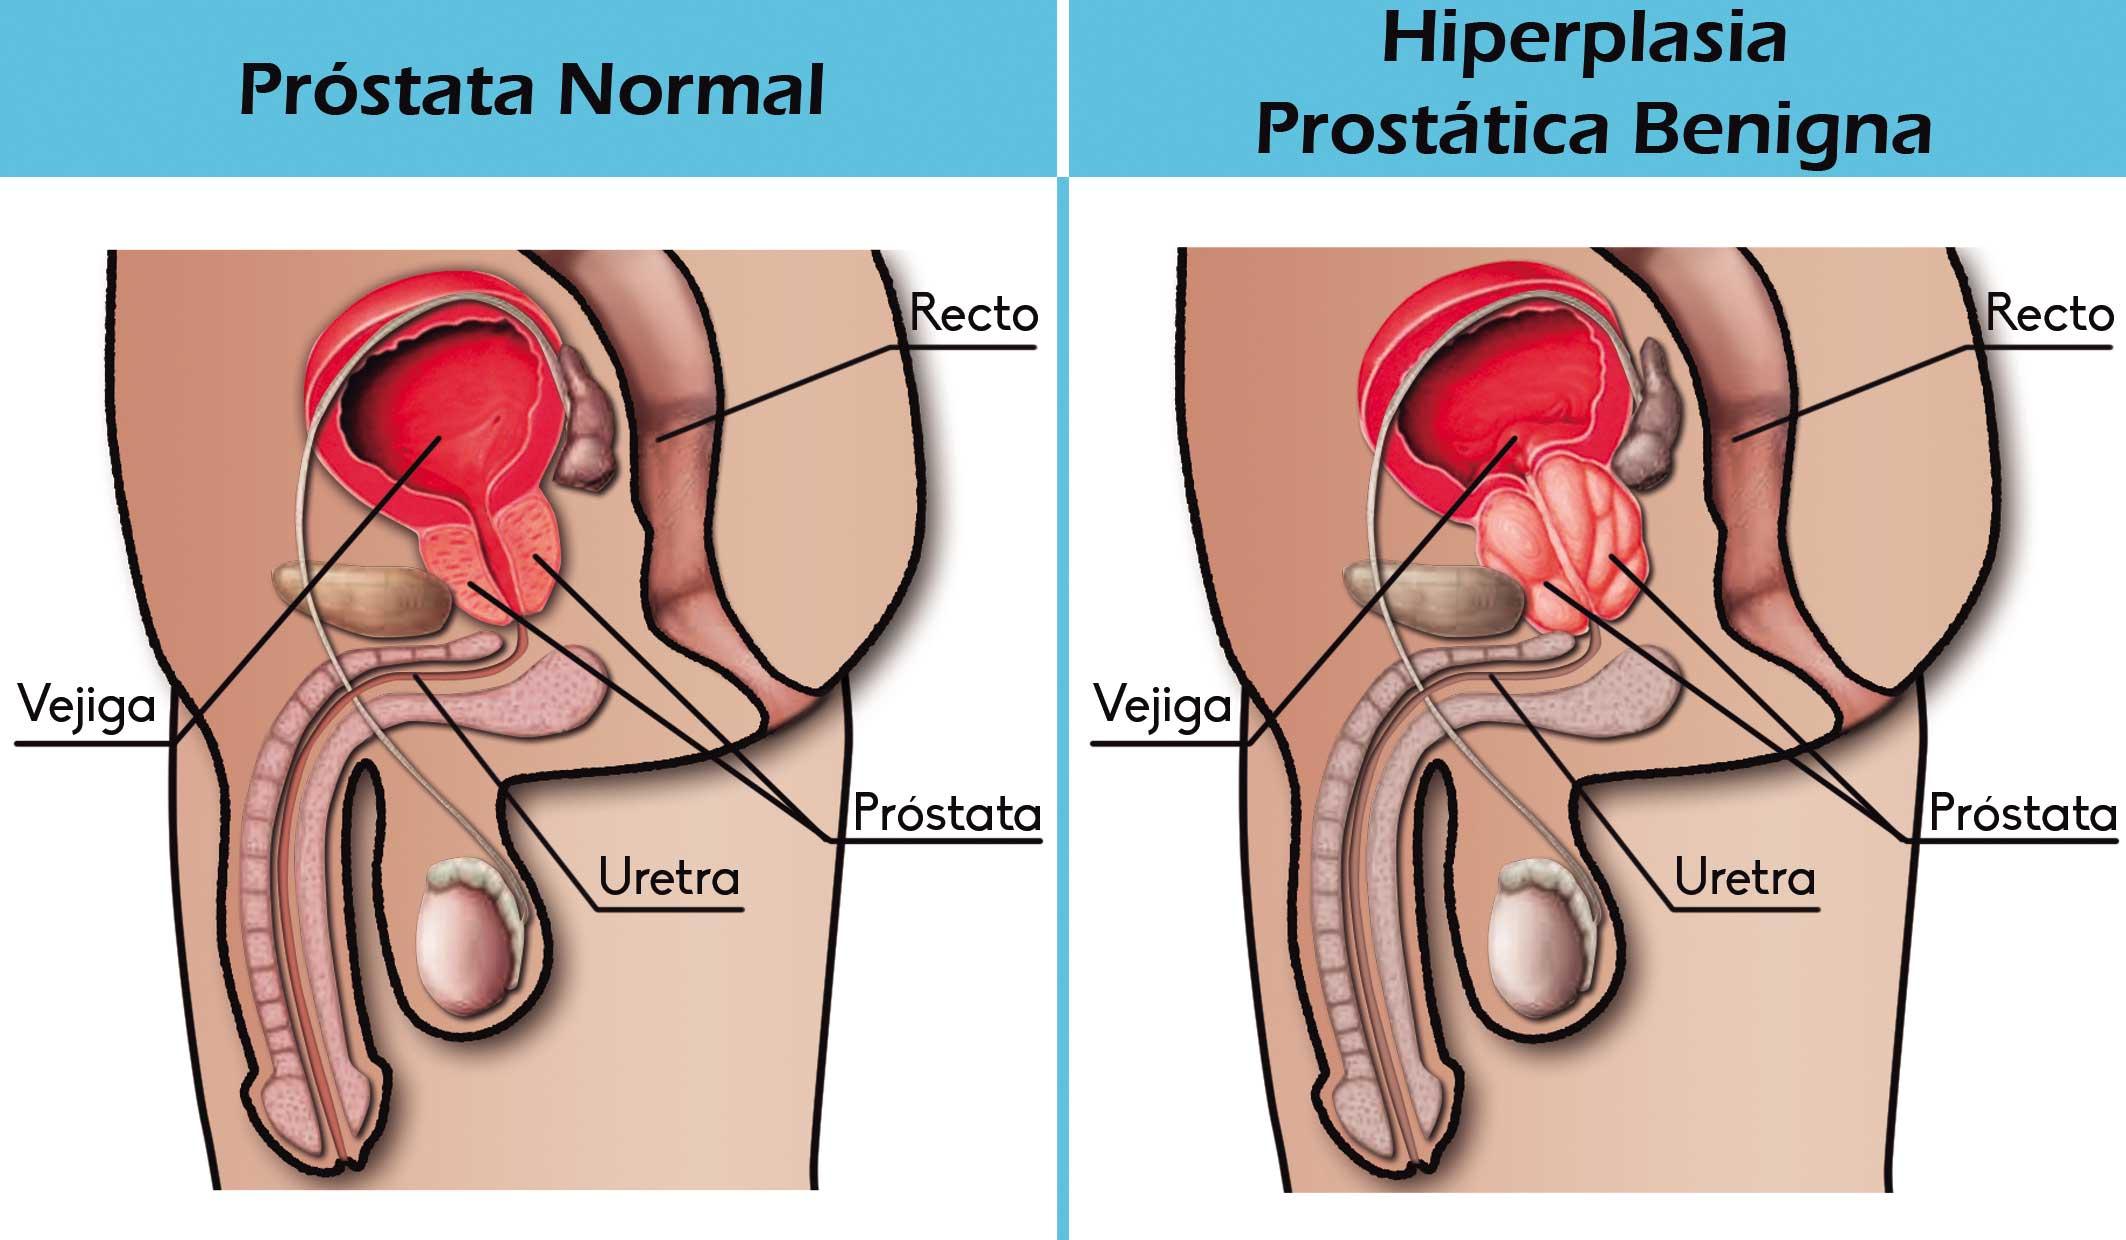 Cómo mantener una erección después de la cirugía de próstata